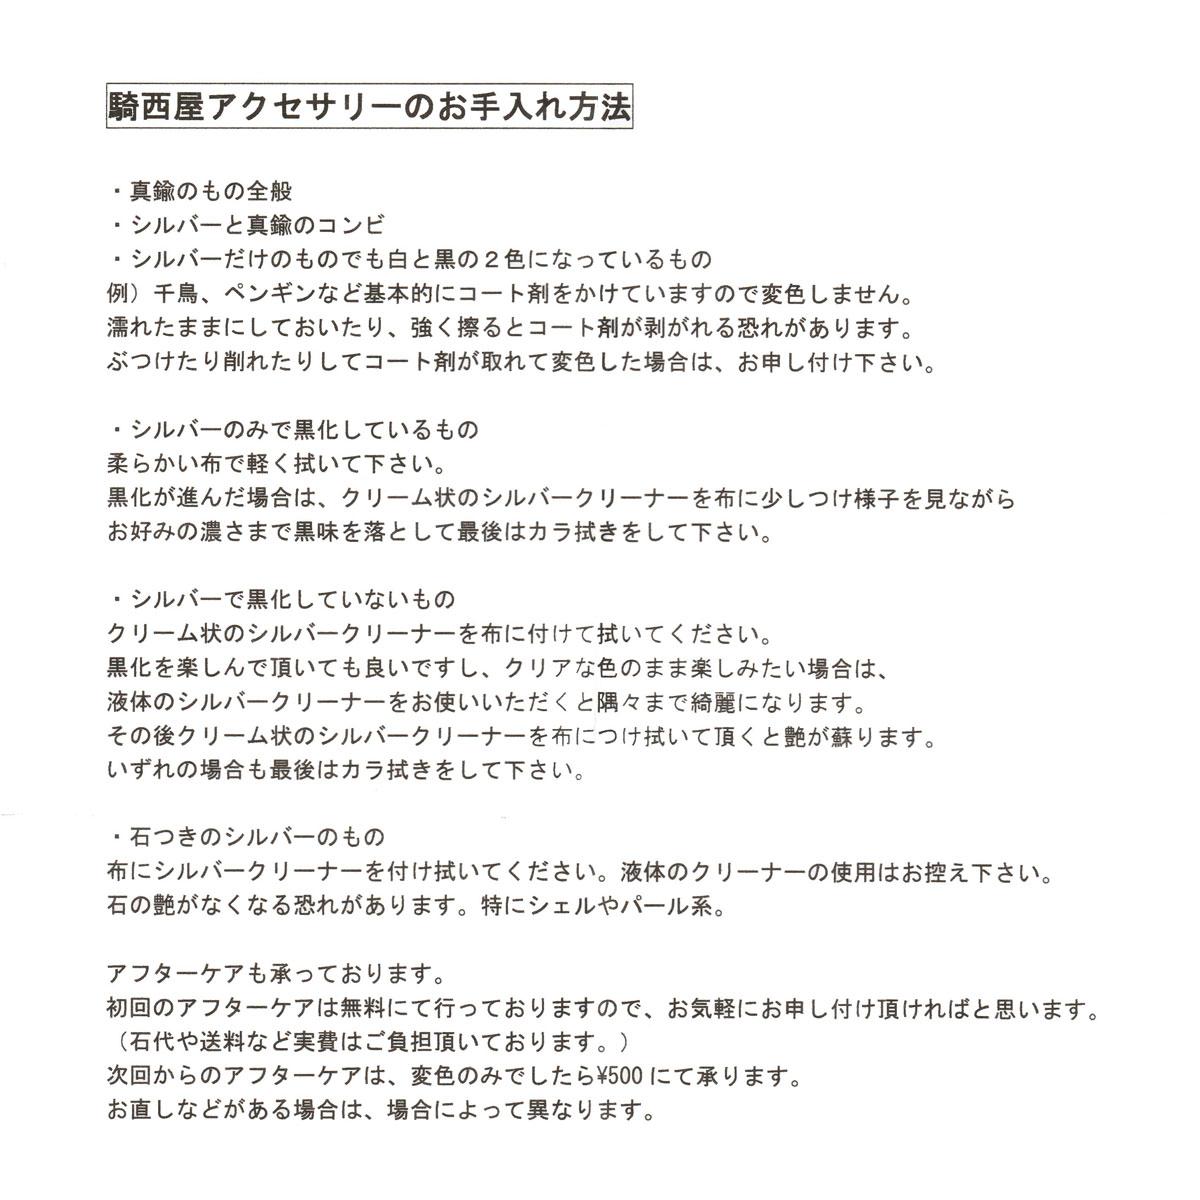 帯留 蜘蛛の囲/蝙蝠 【騎西屋】